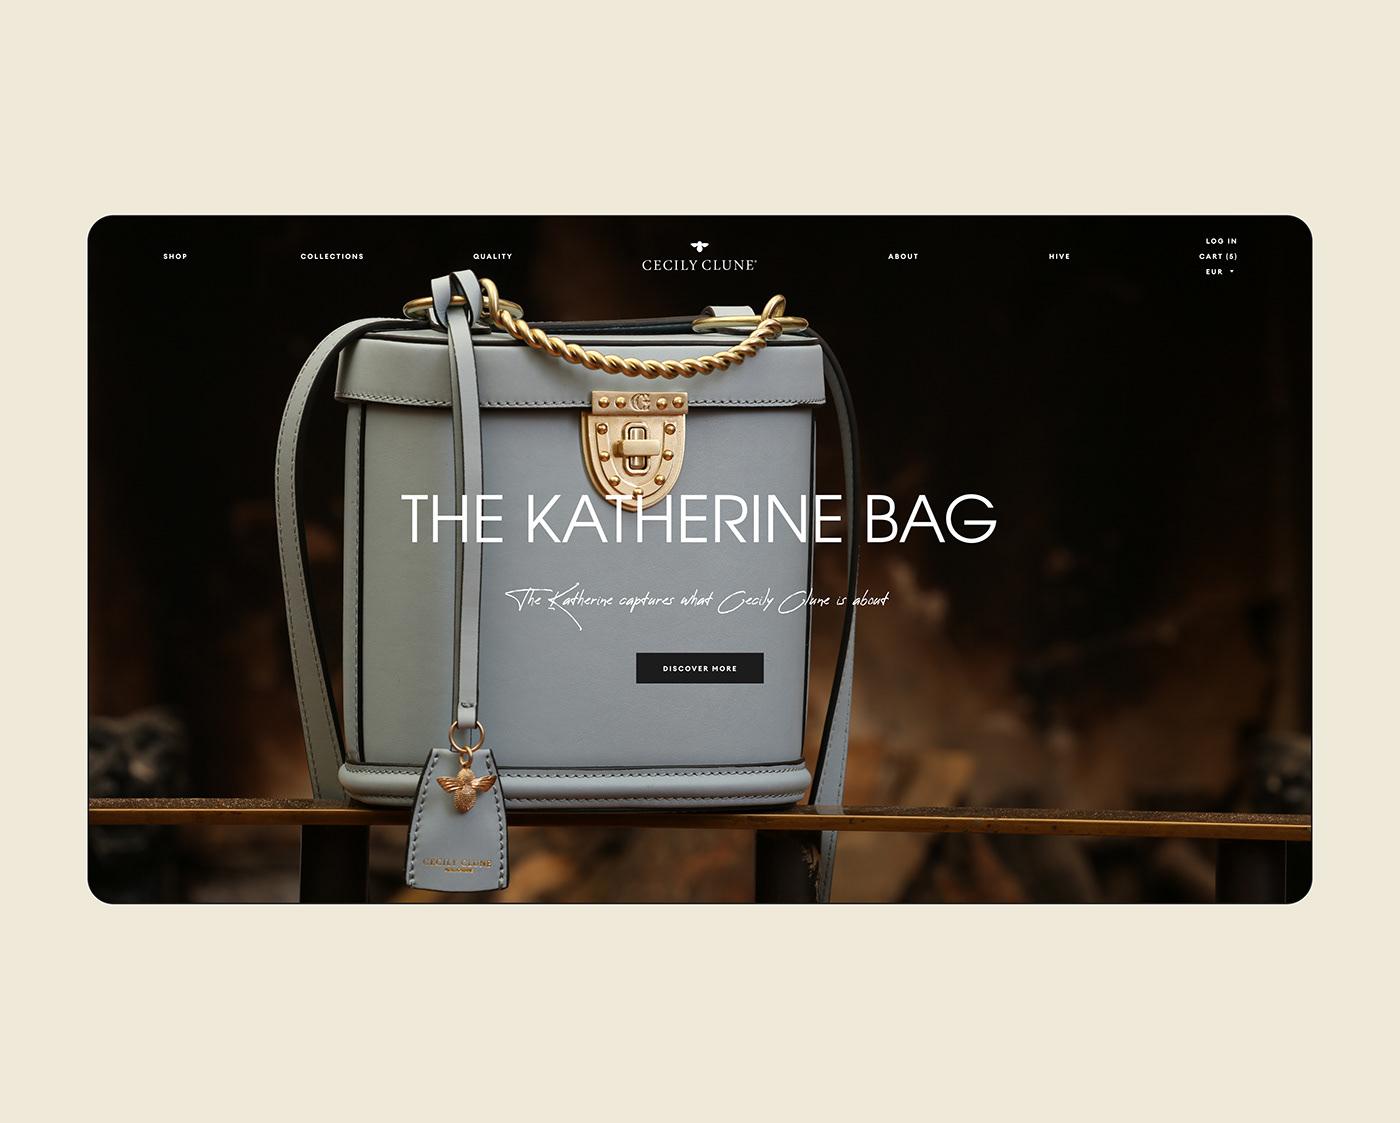 bags clean Ecommerce Fashion  luxury mobile UI ux shop Web Design